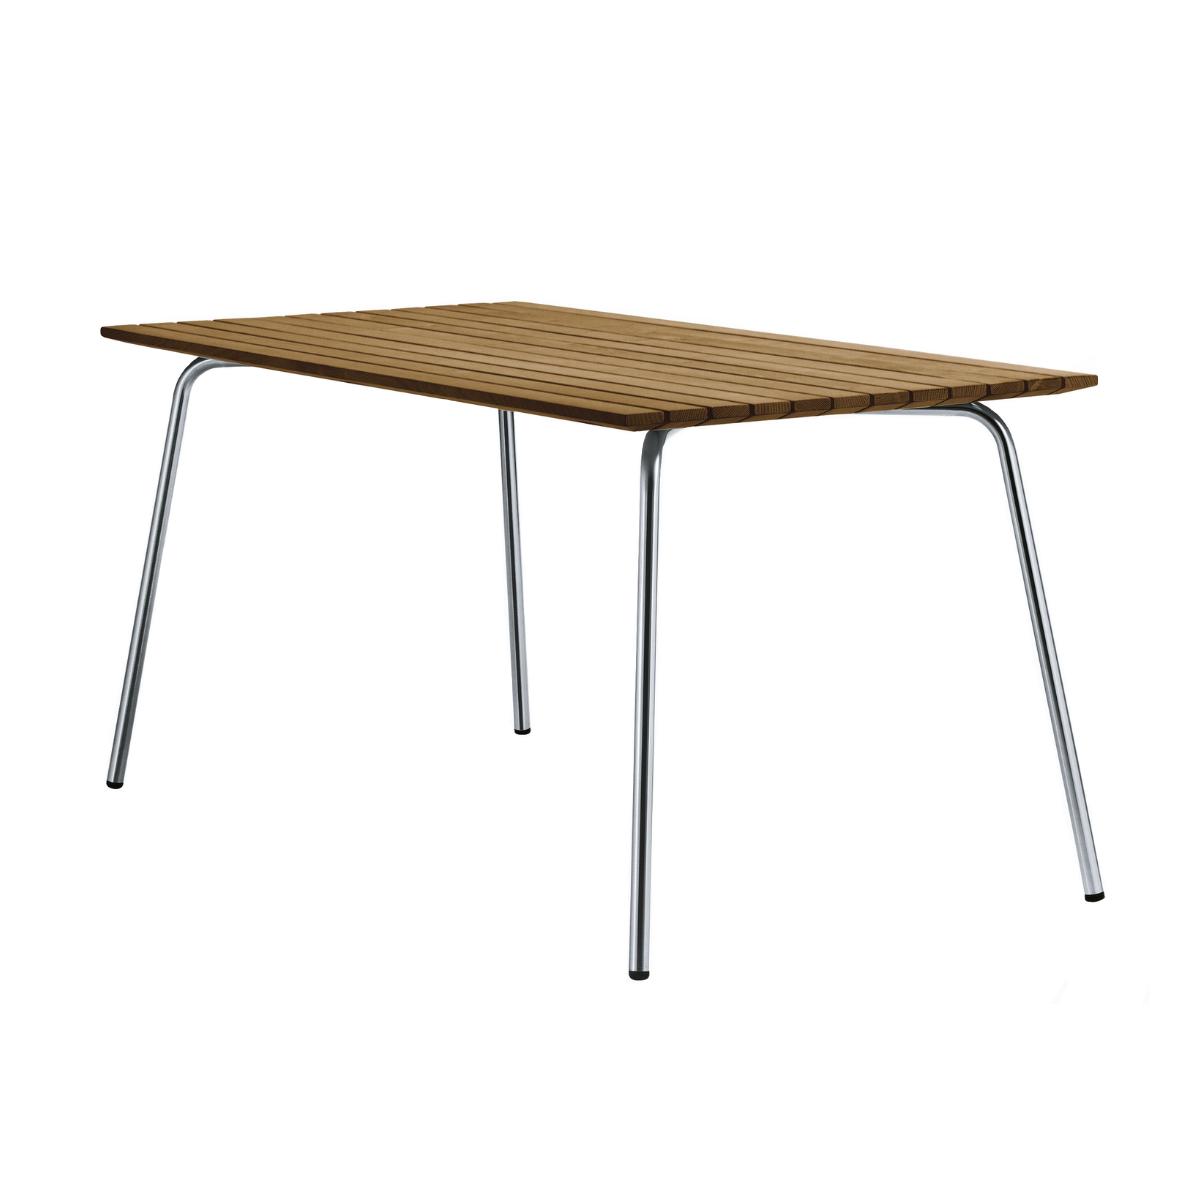 Drewniany stół S 1040 Thonet